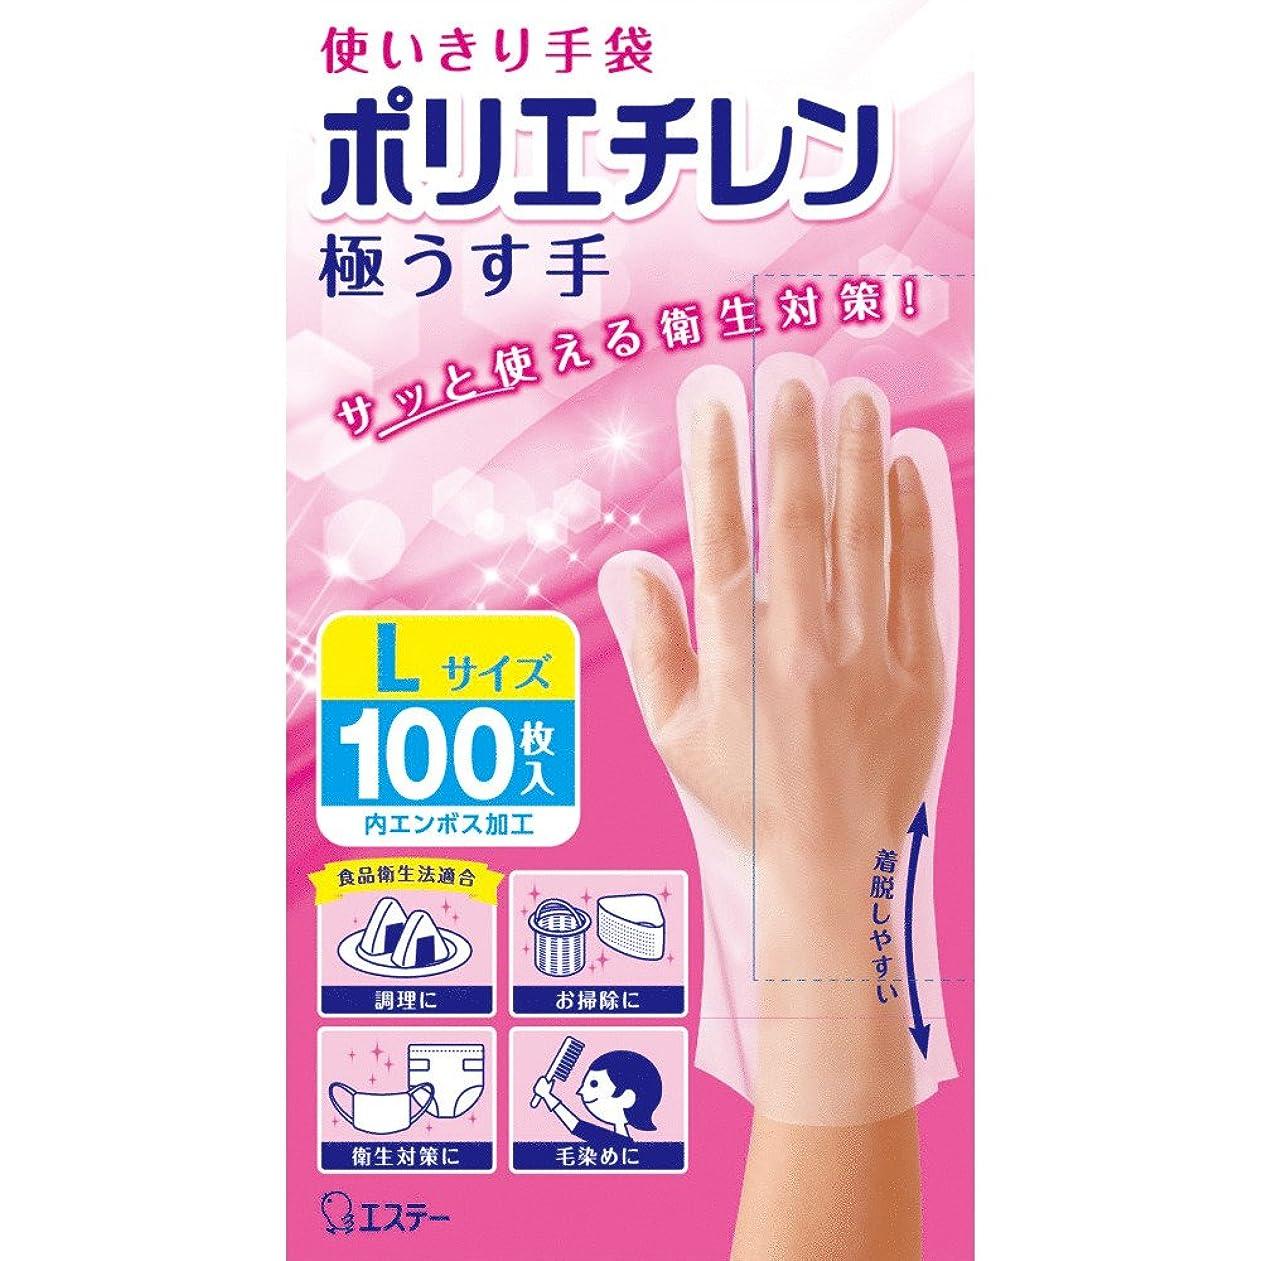 使いきり手袋 ポリエチレン 極うす手 Lサイズ 半透明 100枚